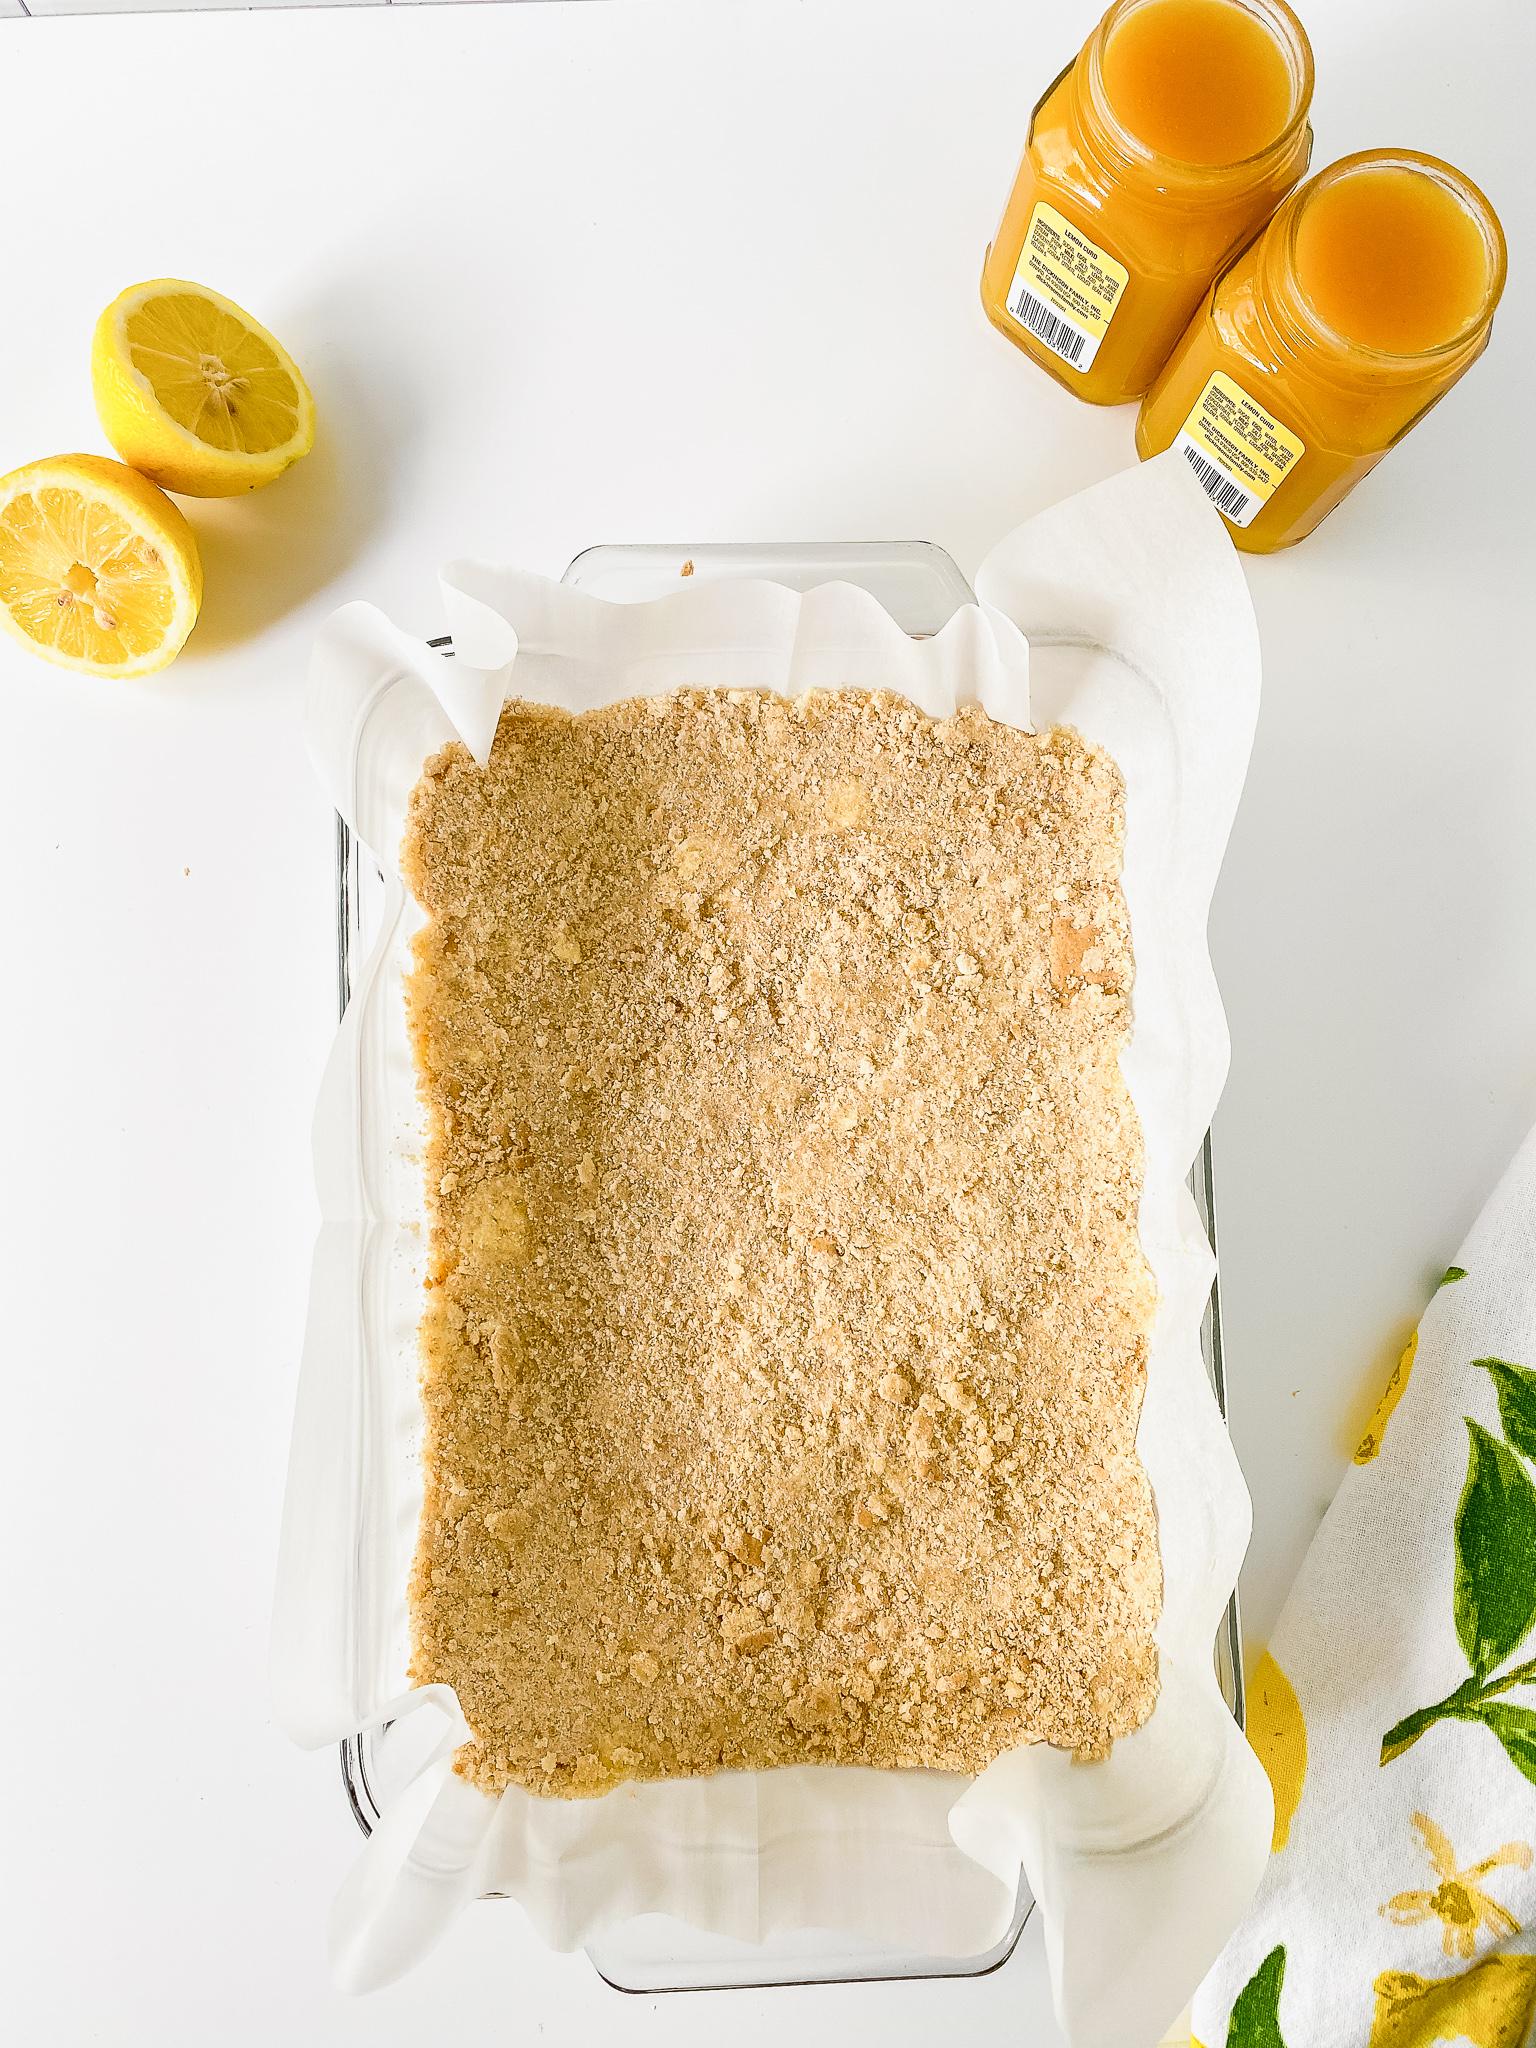 graham cracker crust in pan for lemon bars